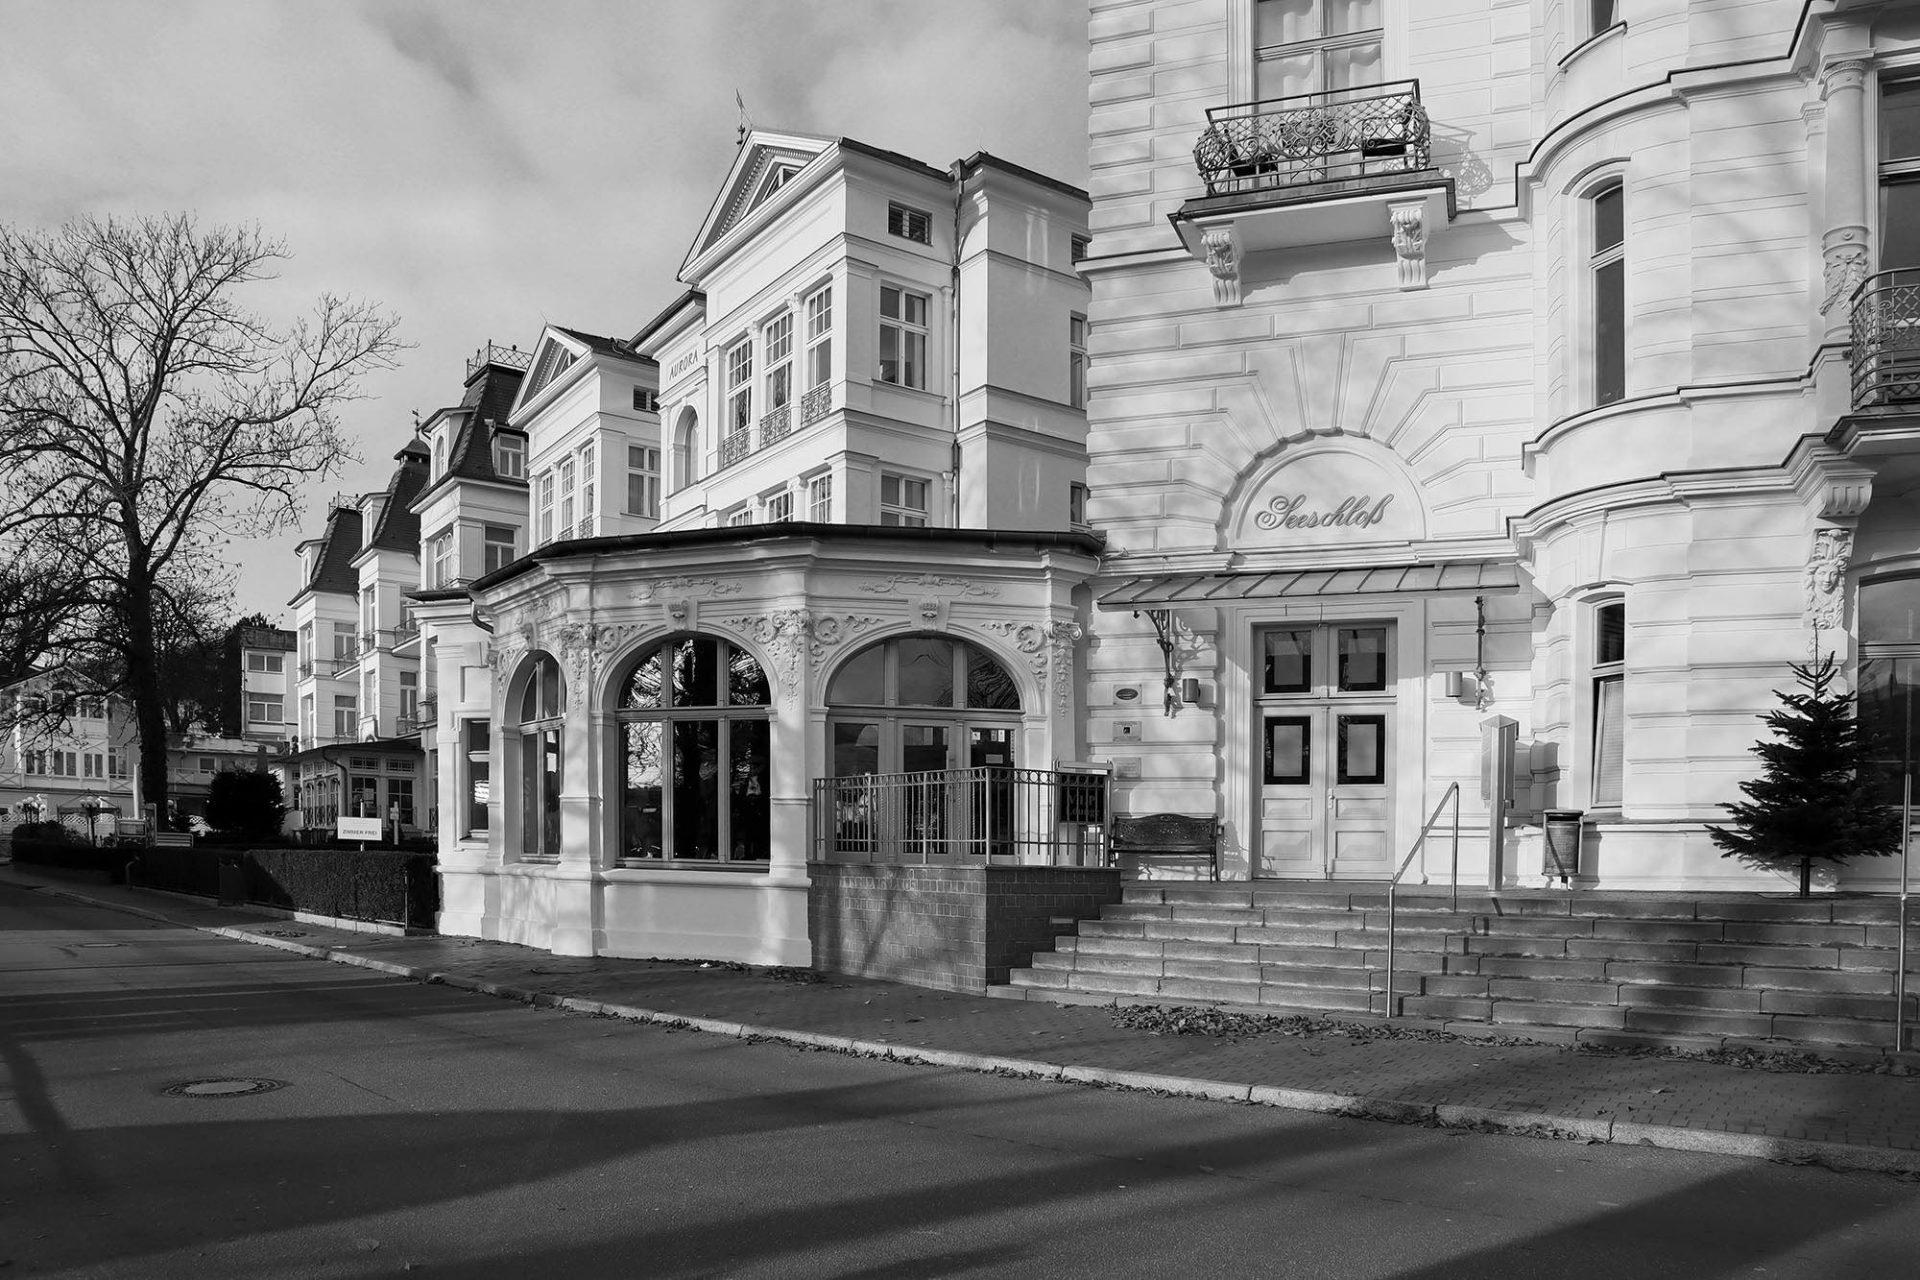 Heringsdorf. Den Platz des Friedens dominiert eine hohe Düne, bewachsen von großgewachsenen Buchen. Entlang der Seestraße stehen mit dem Grand Hotel Seeschloss, dem Pommerschen Hof und dem Esplanade die typischen Heringsdorfer Hotels aus der Gründungszeit.